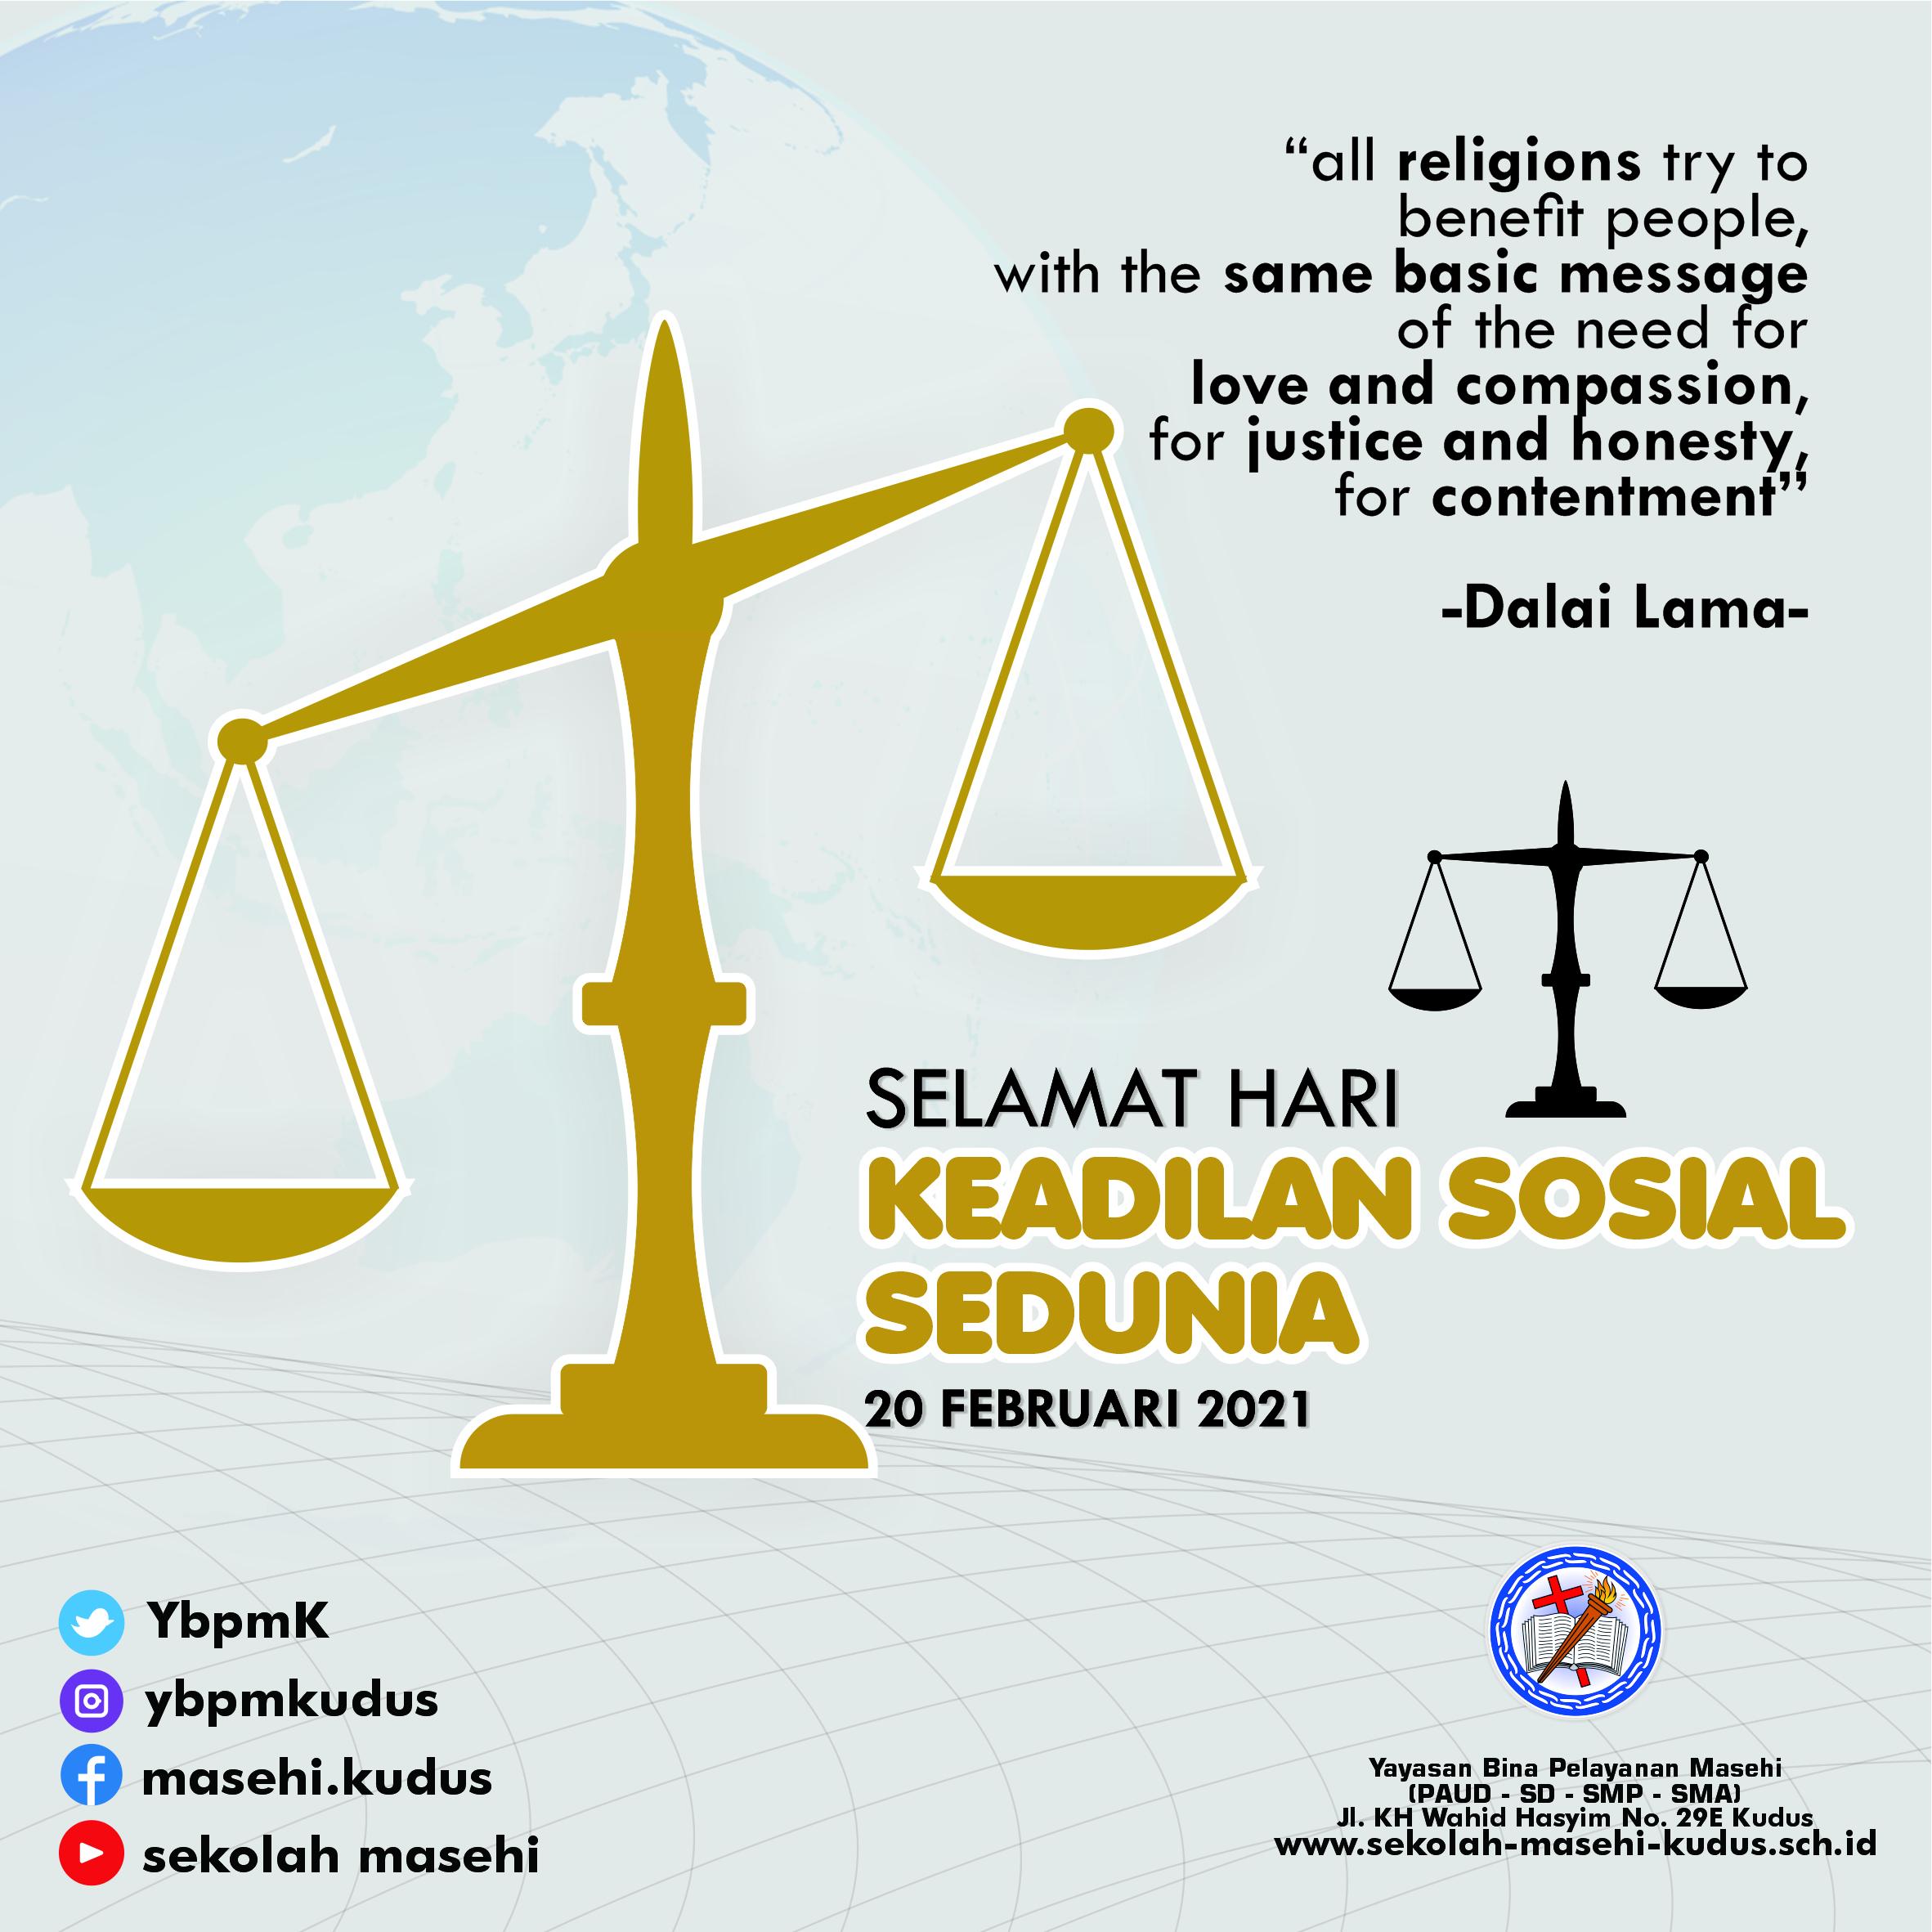 Selamat Hari Keadilan Sosial Sedunia